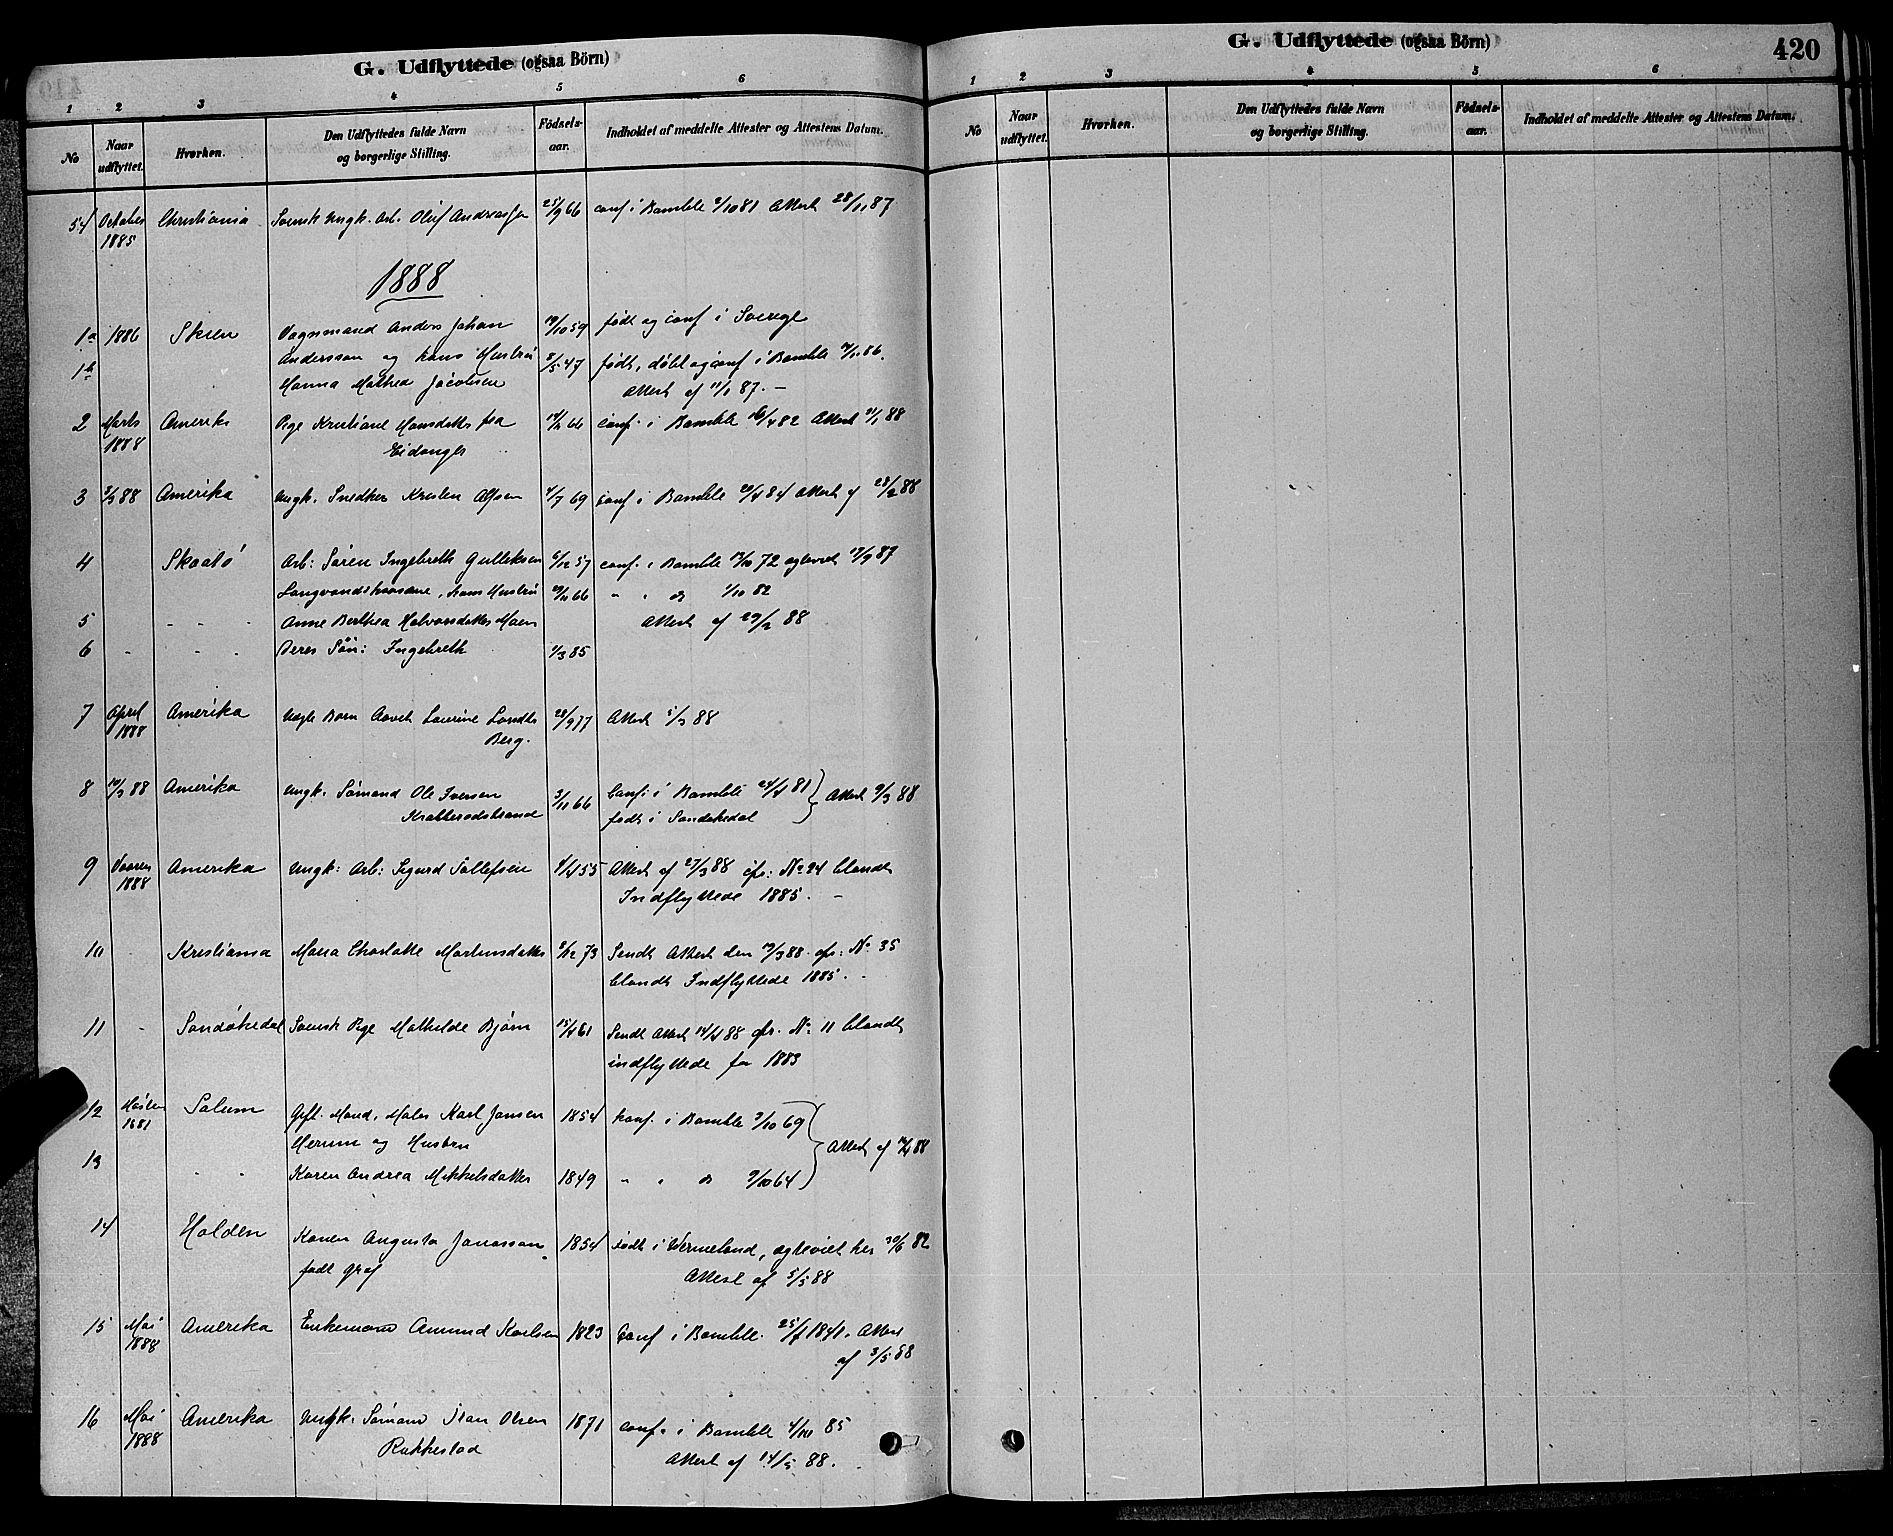 SAKO, Bamble kirkebøker, G/Ga/L0008: Klokkerbok nr. I 8, 1878-1888, s. 420